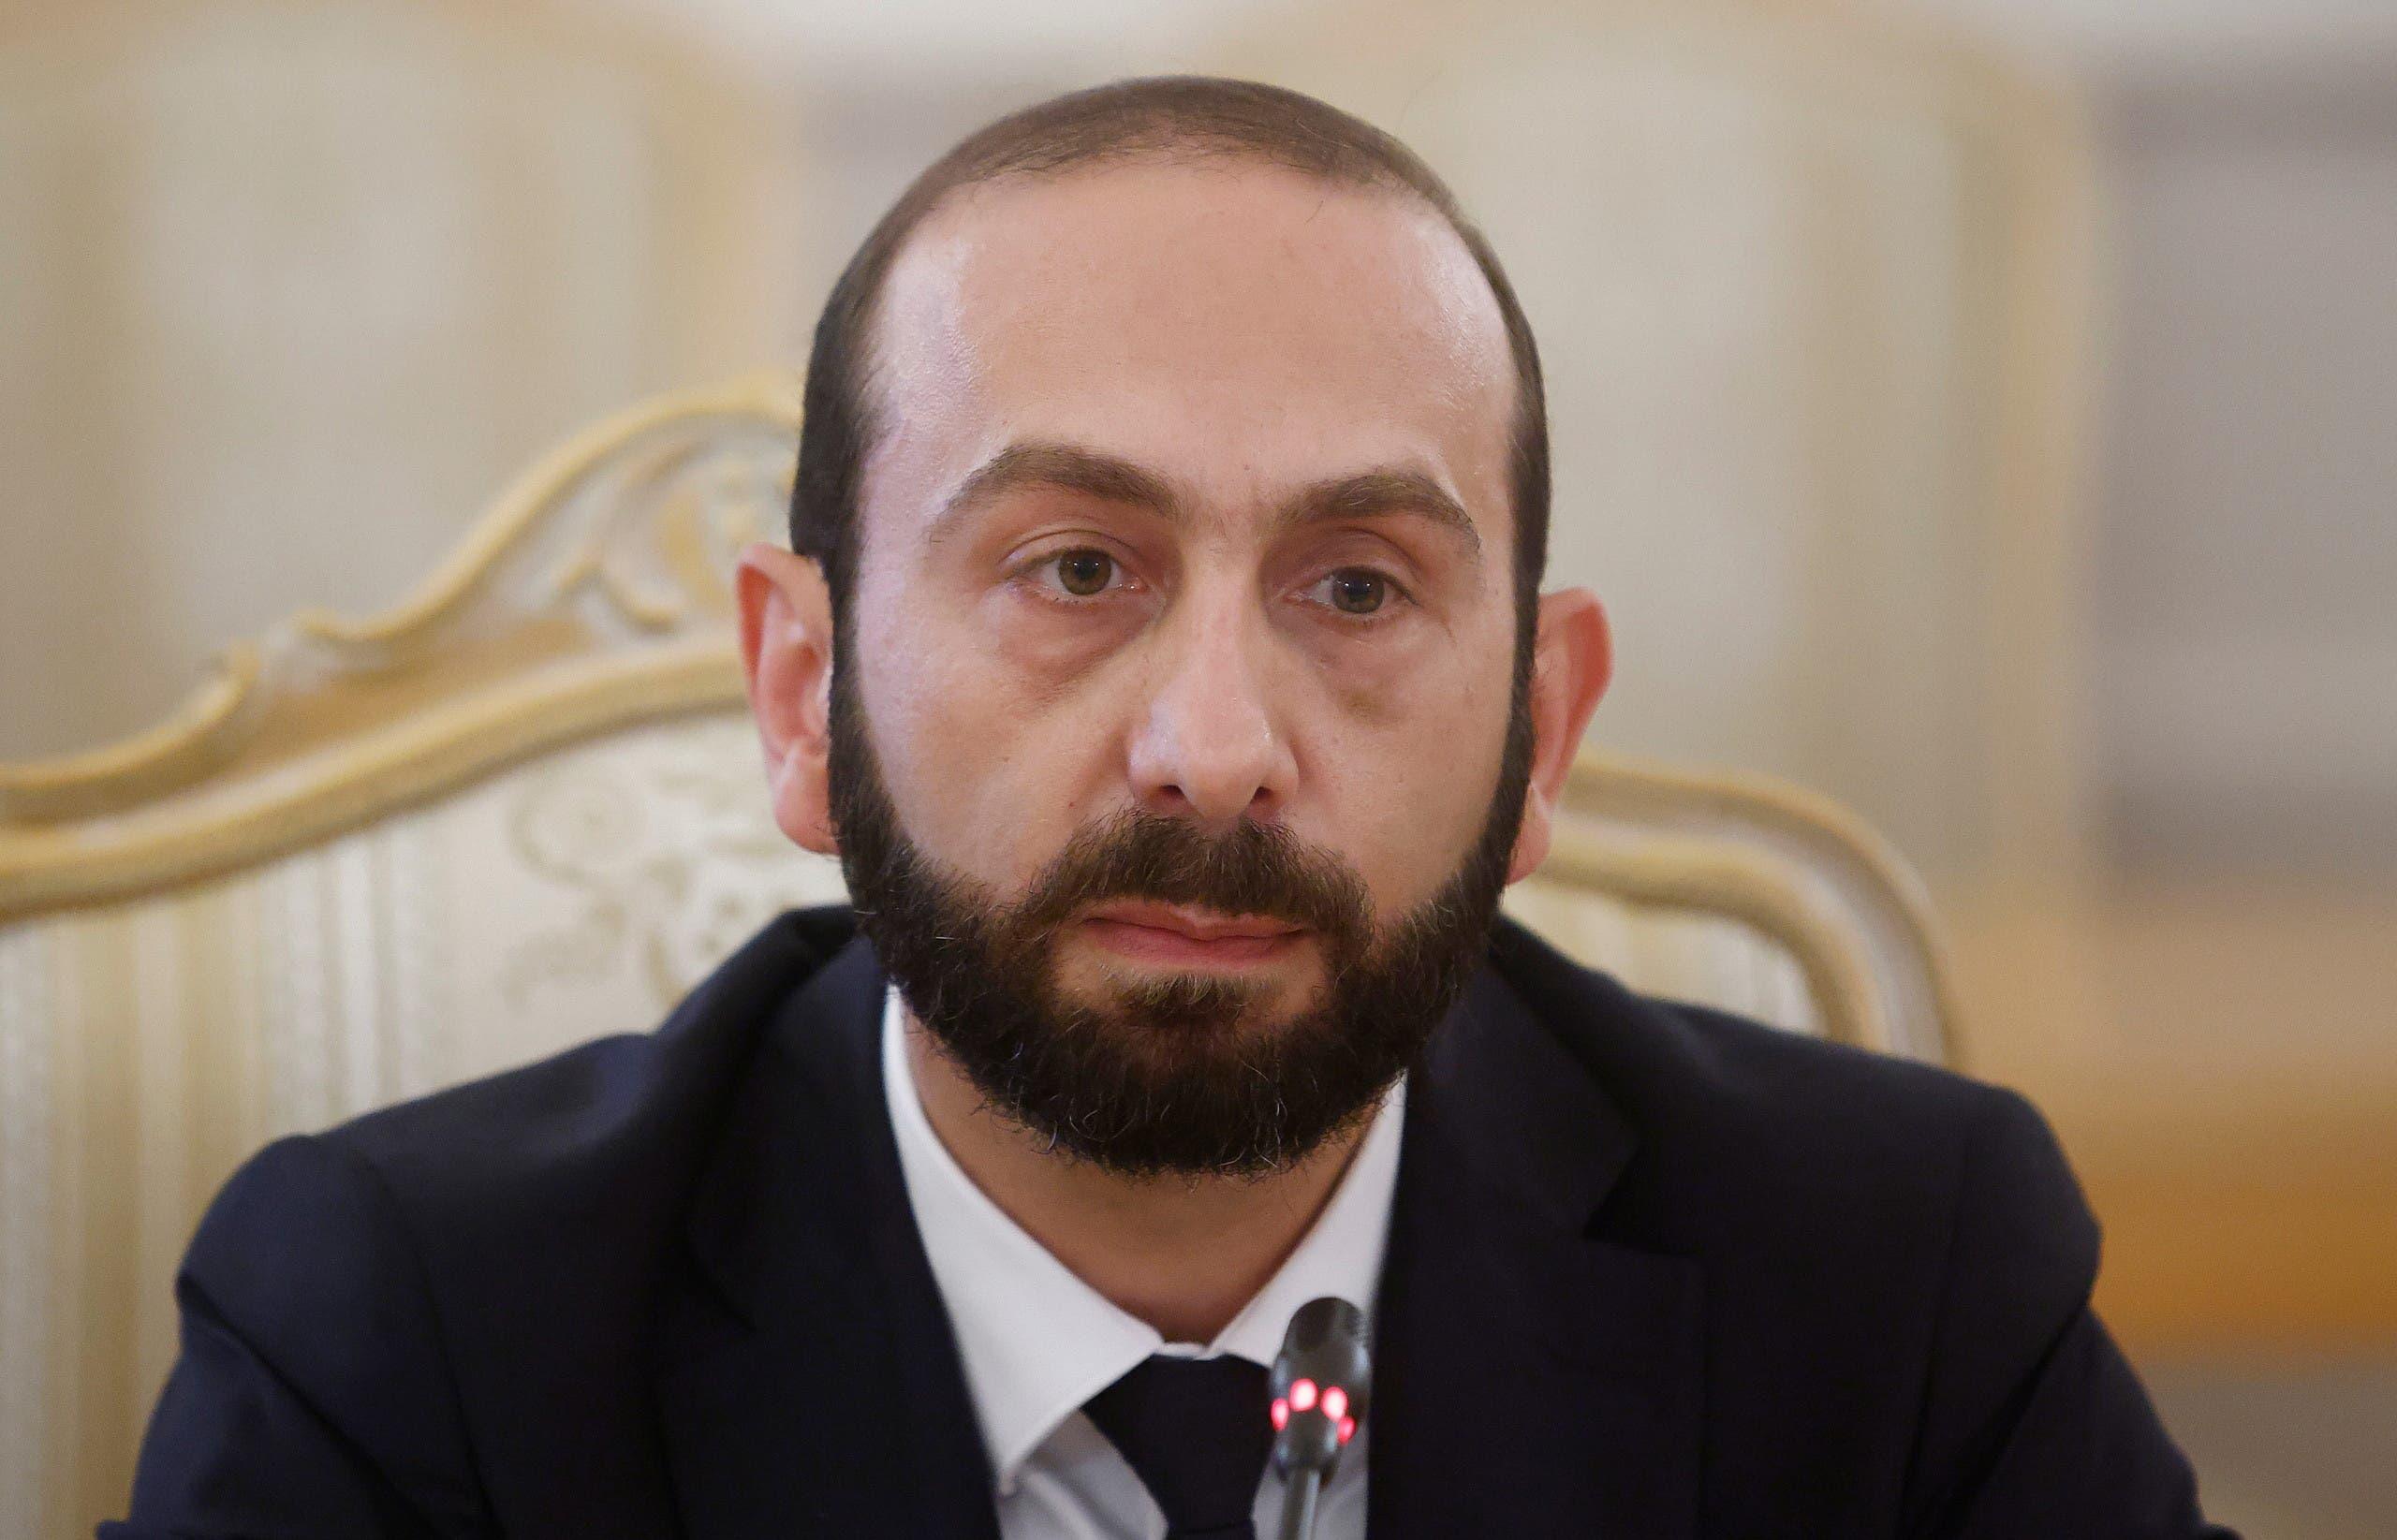 وزير الخارجية الأرميني أرارات ميرزويان